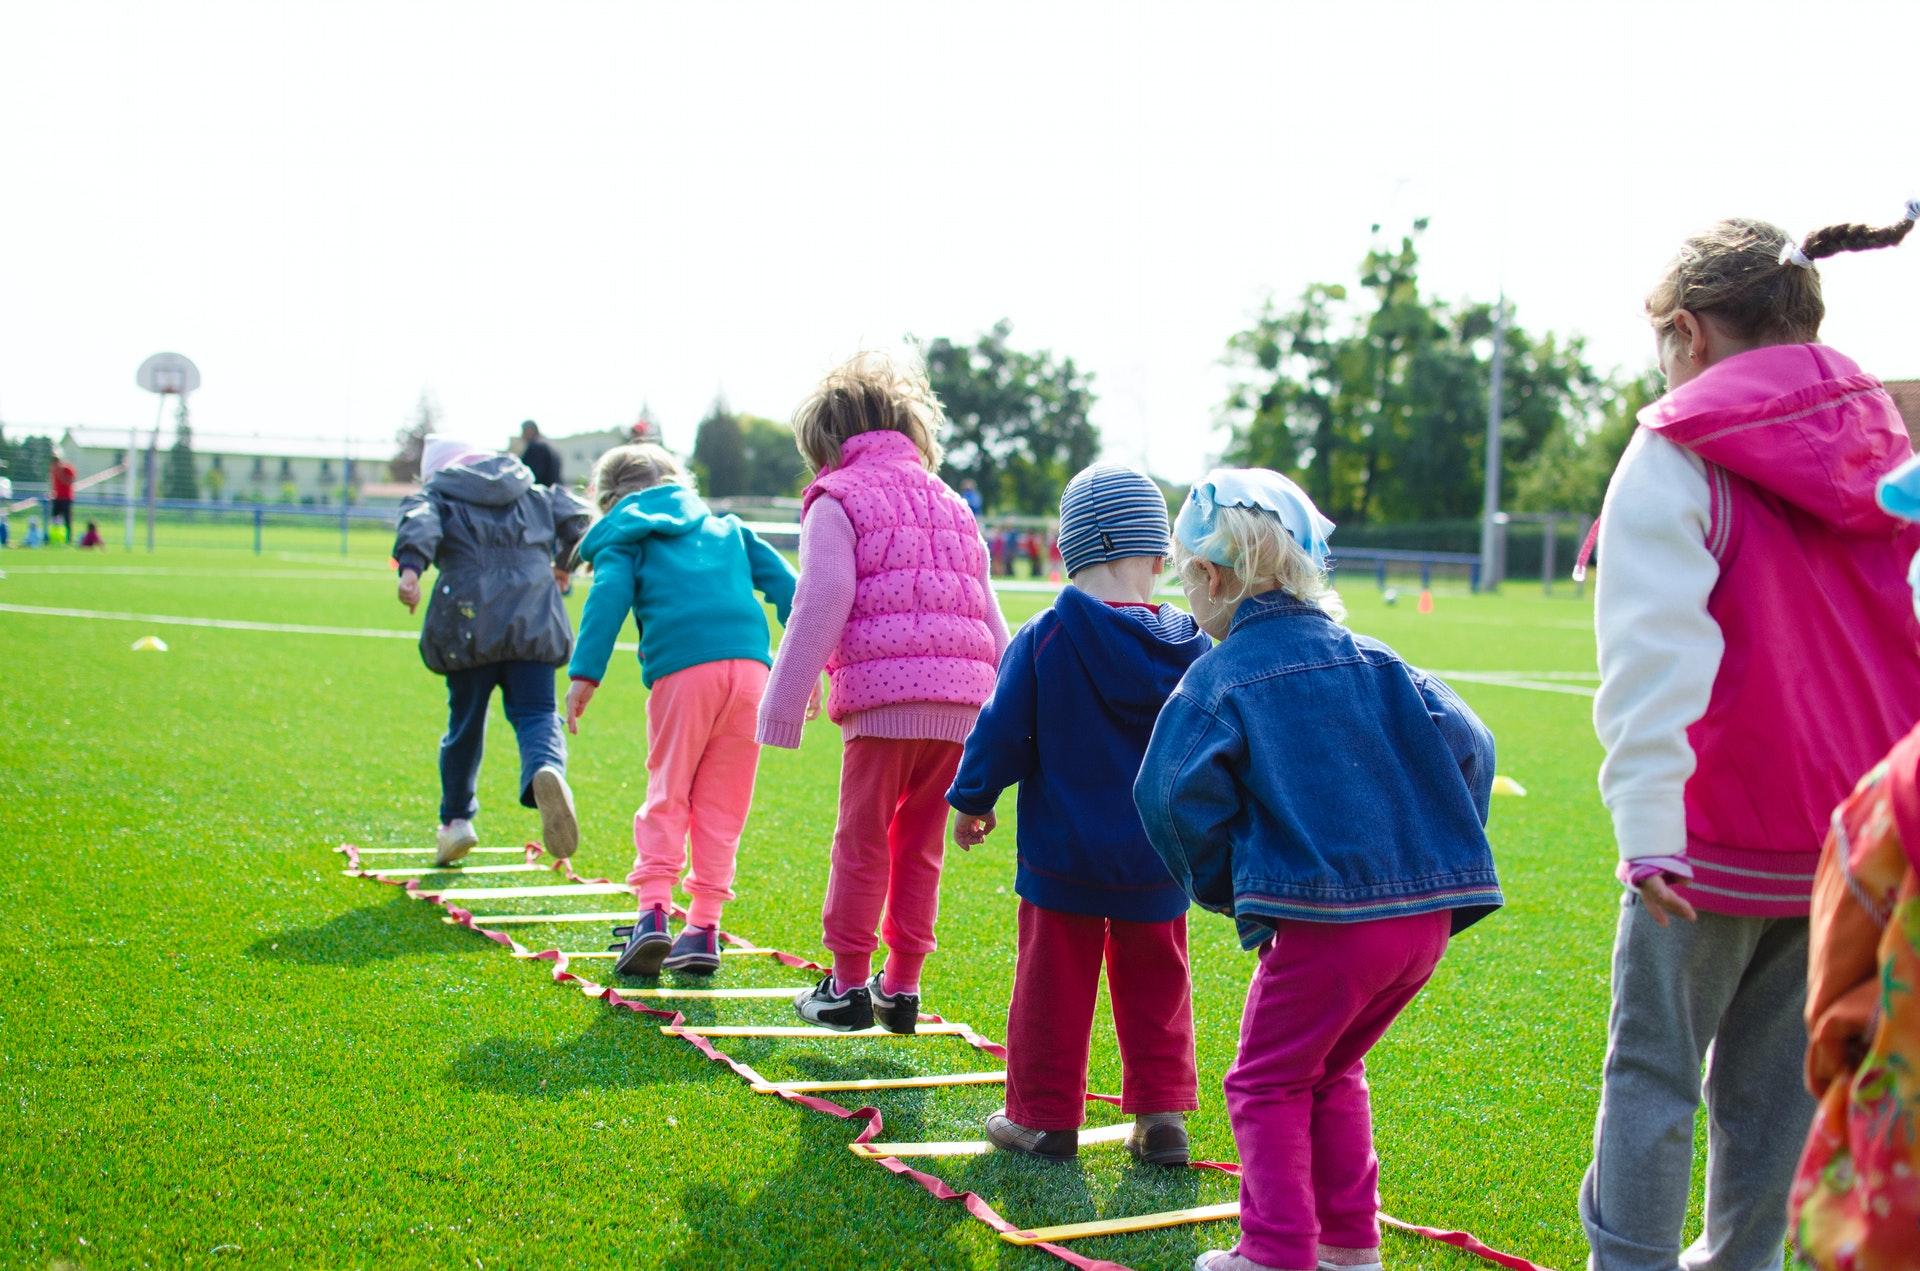 Телеврач Мясников призвал приучать детей к спорту для снижения рисков опасной болезни